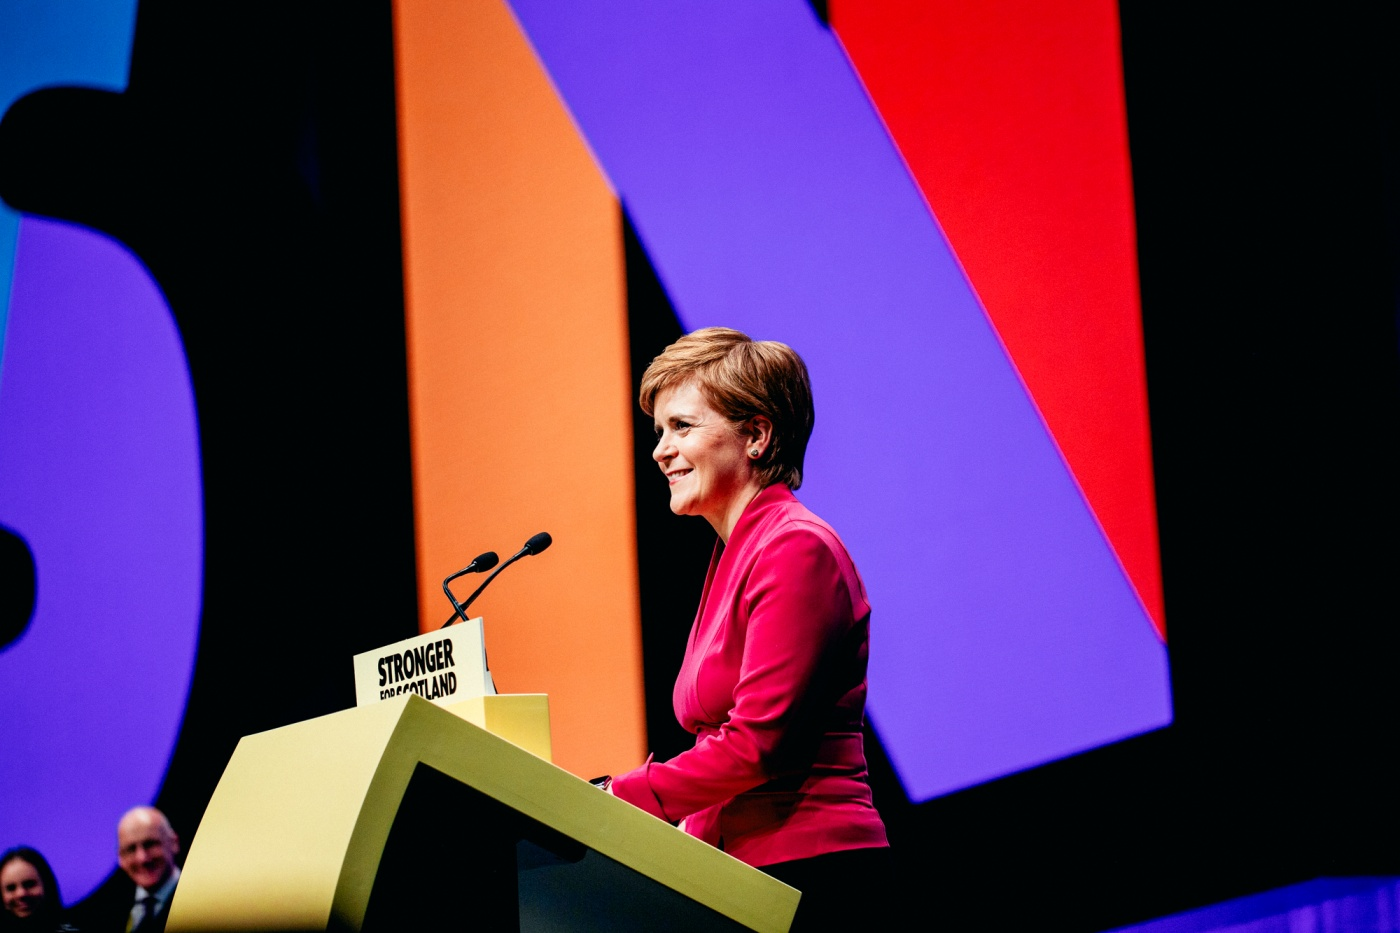 苏格兰政府首席大臣:2020年必须举行第二次独立公投_英国新闻_英国中文网